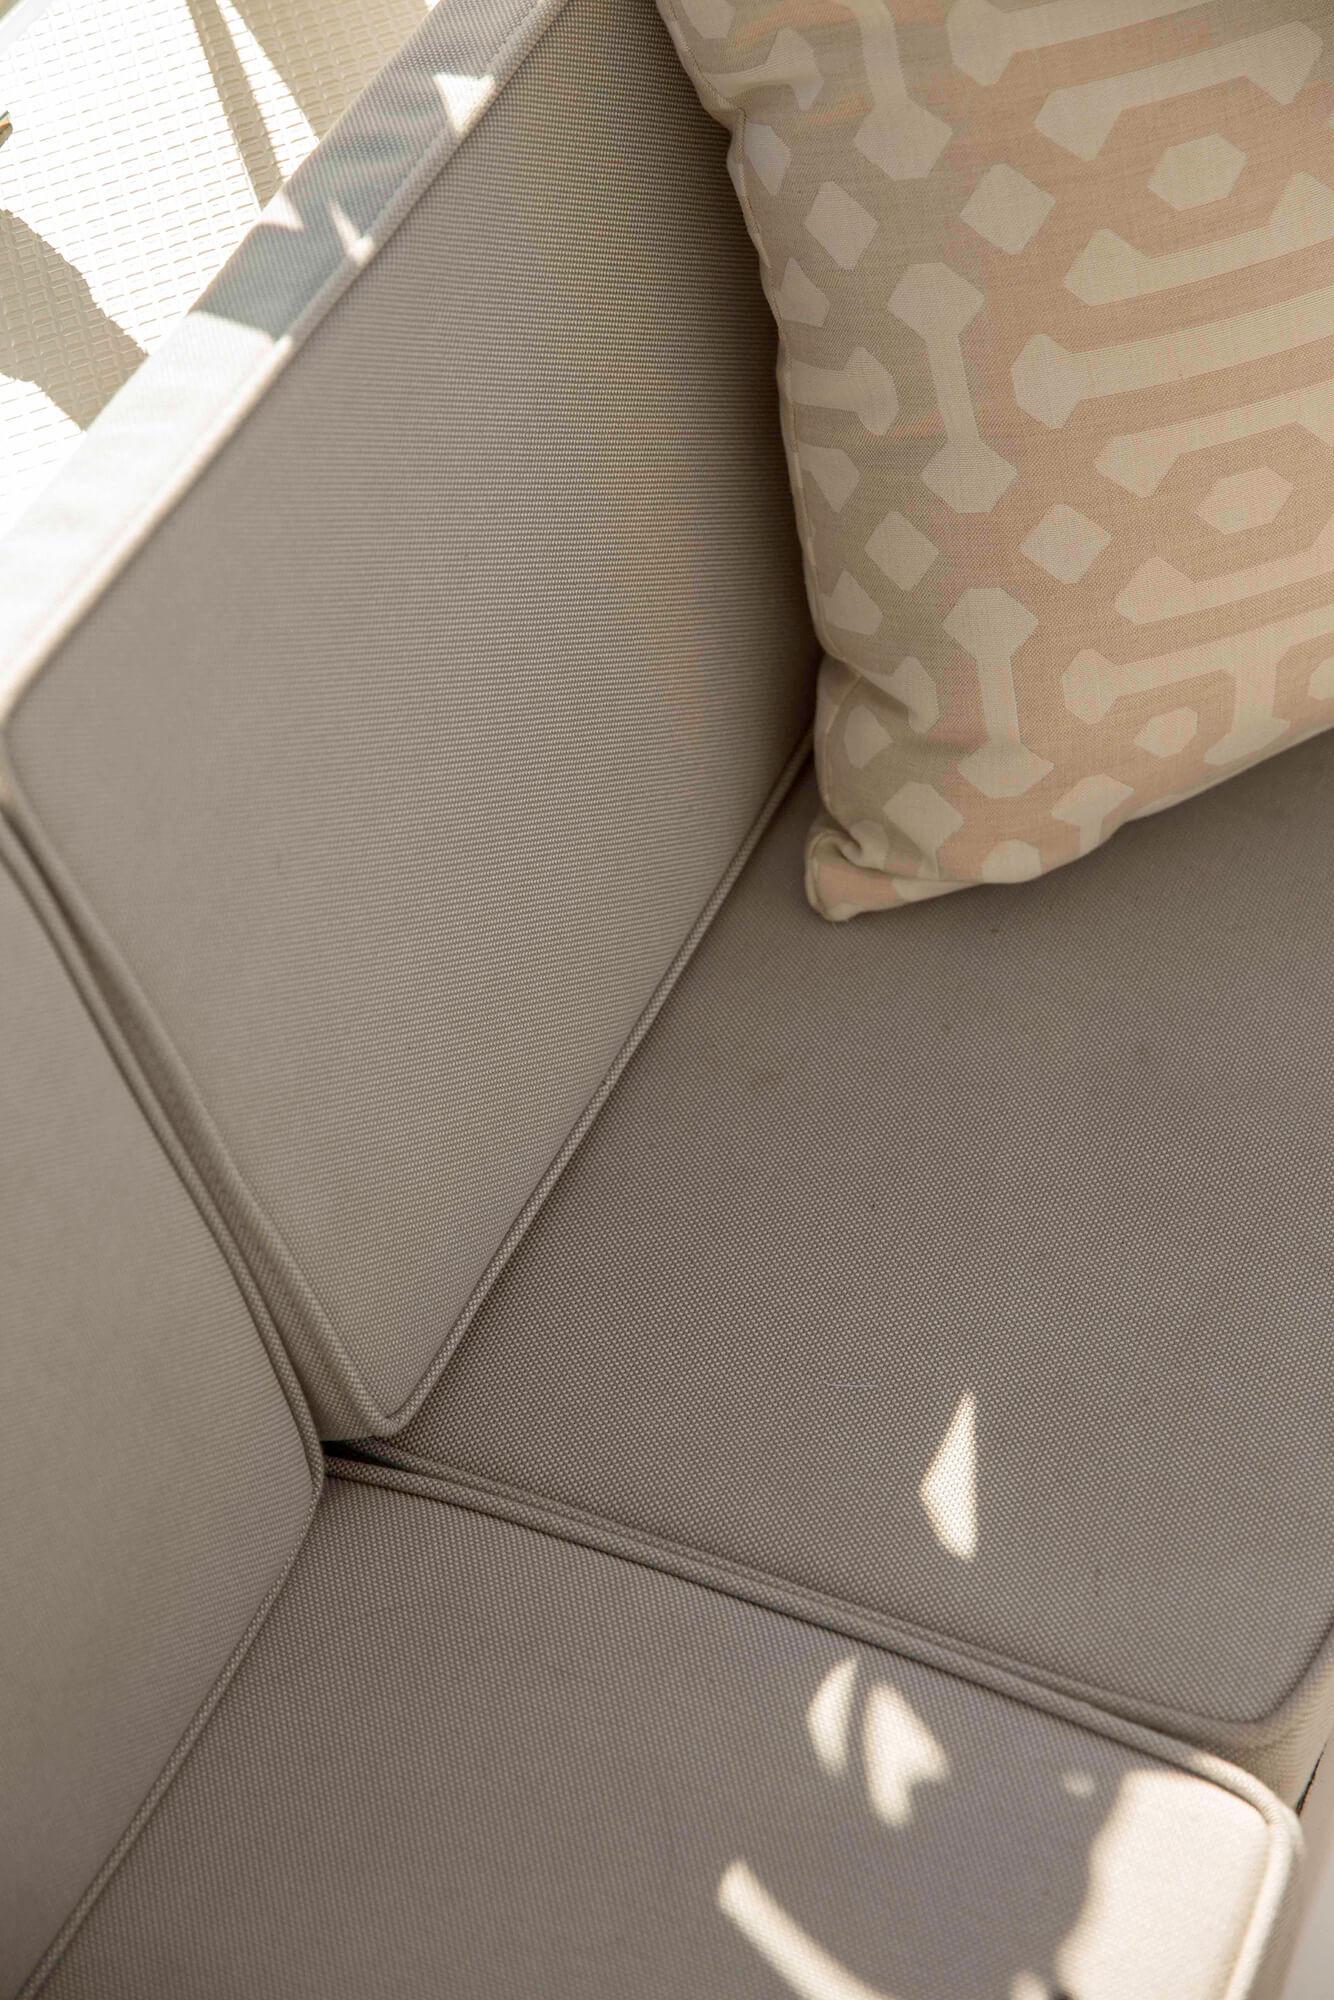 船座上的褐色坐垫,以及 Sunbrella Fretwork Flax 织物制成的精美枕头